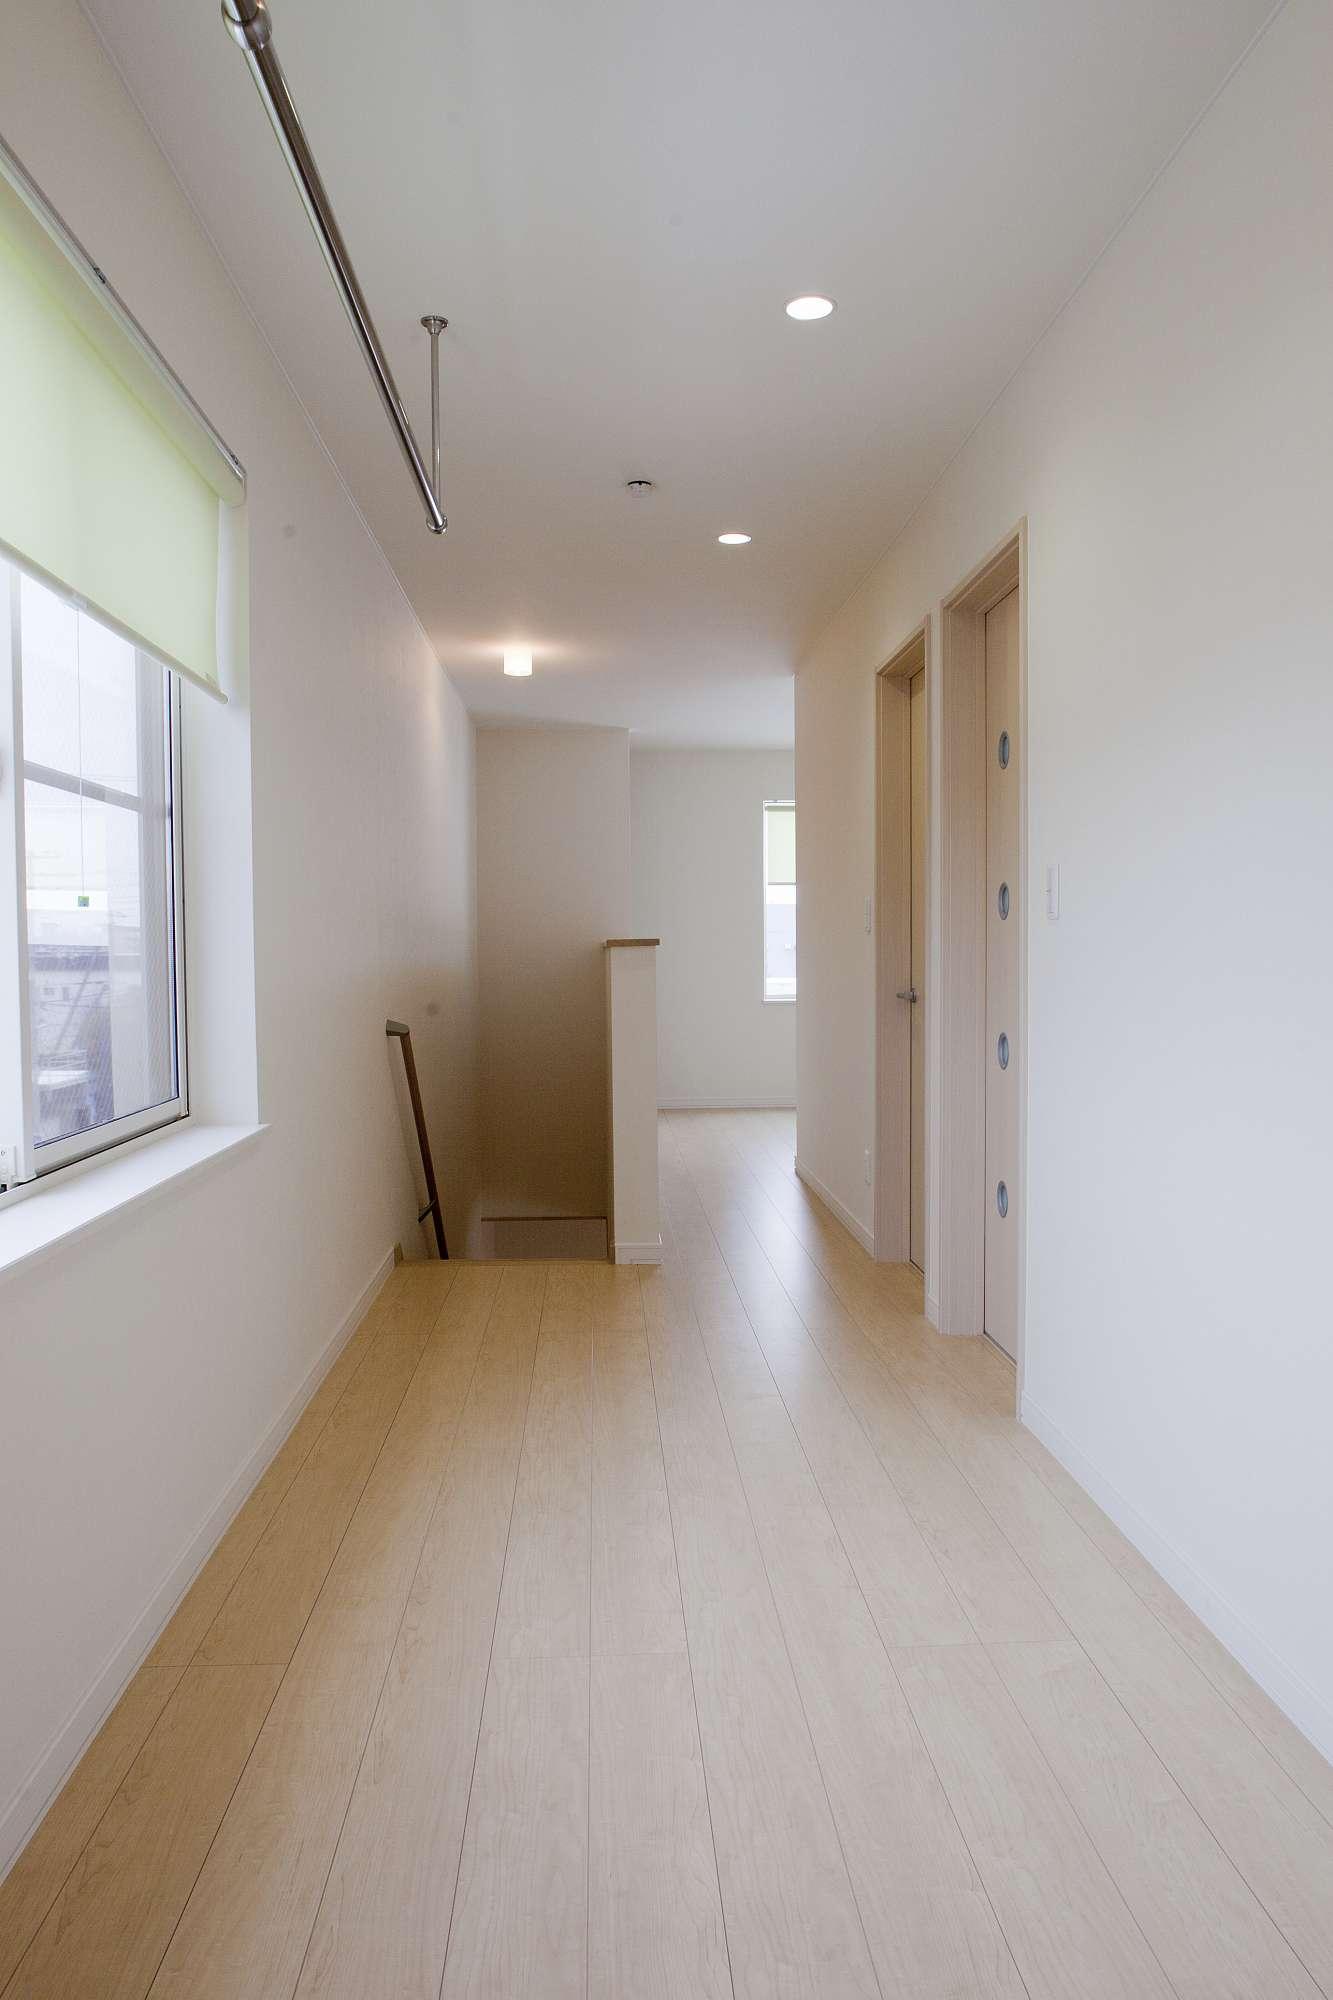 2階のホールは動線も広々、奥には家族が自由に使えるフリースペースを提案 -  -  -